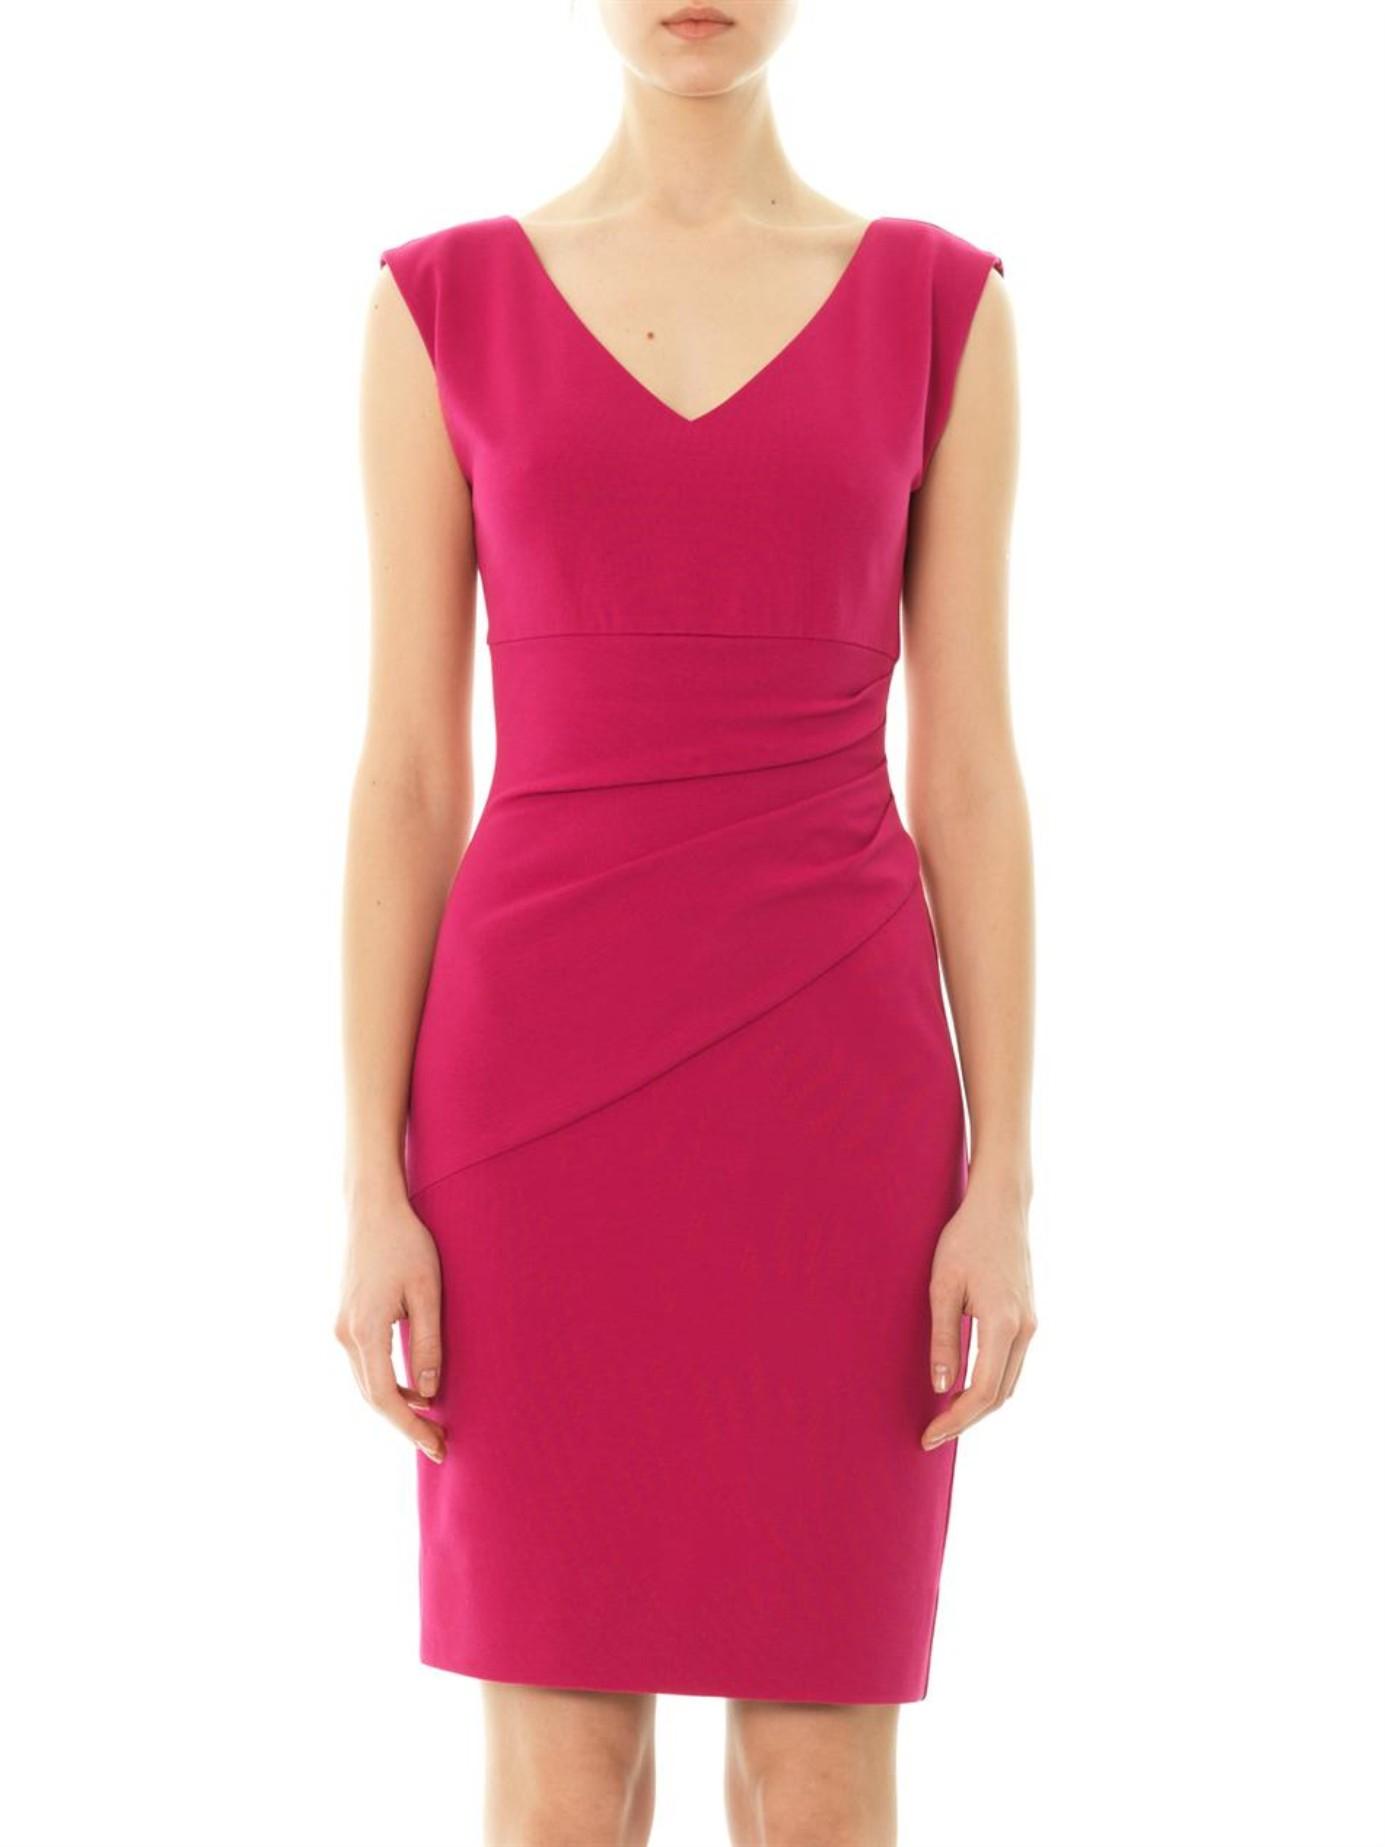 diane von furstenberg bevin dress in pink lyst. Black Bedroom Furniture Sets. Home Design Ideas